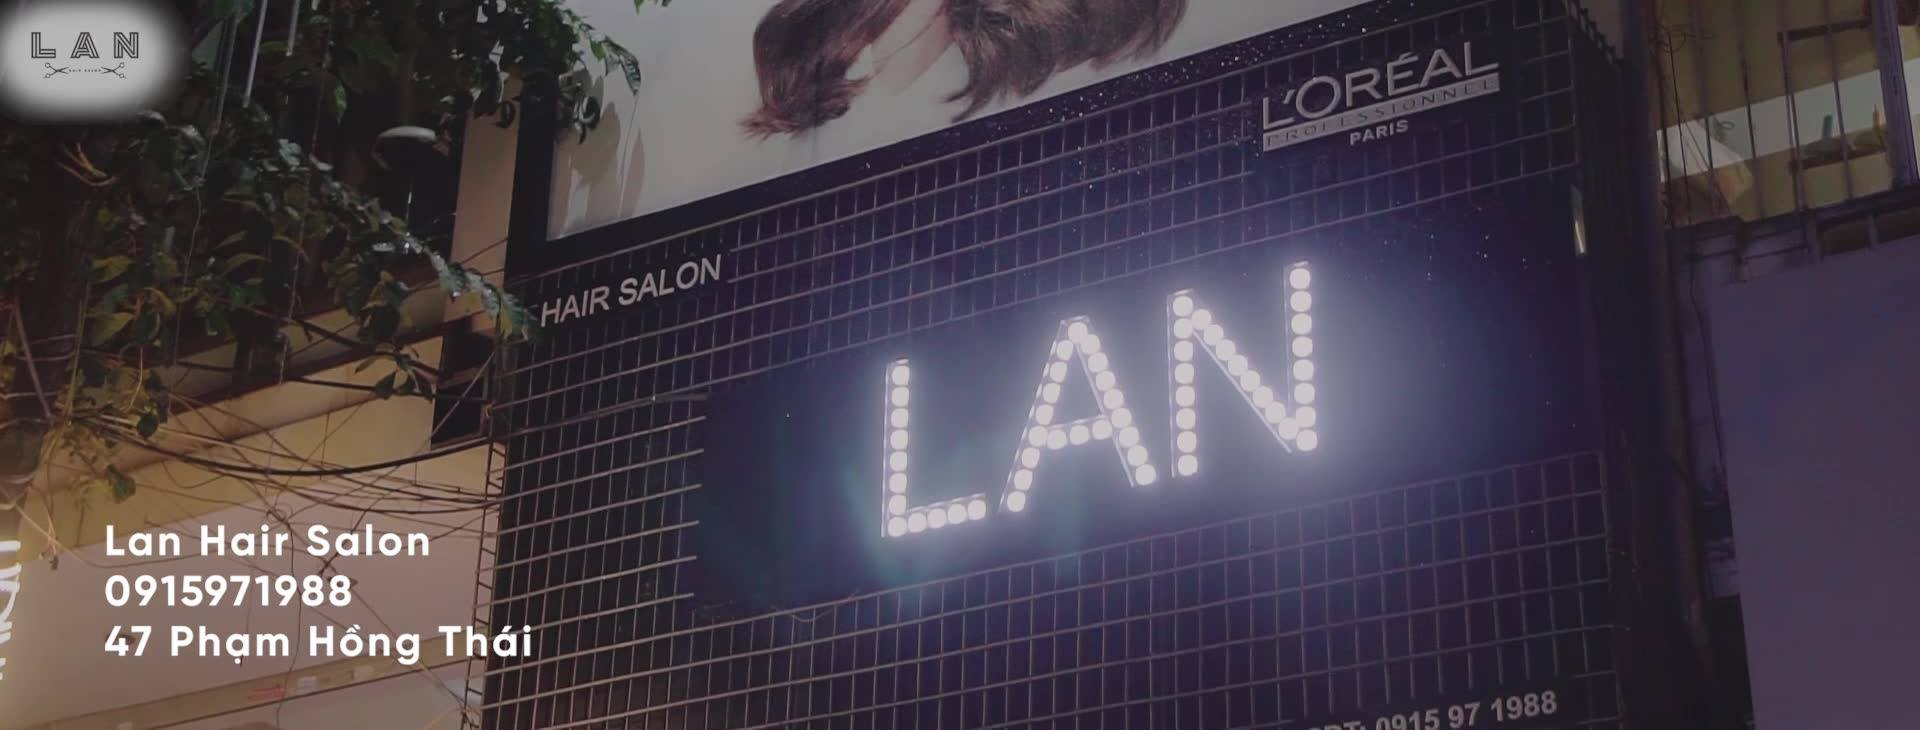 địa chỉ quán Lan Hair Salon